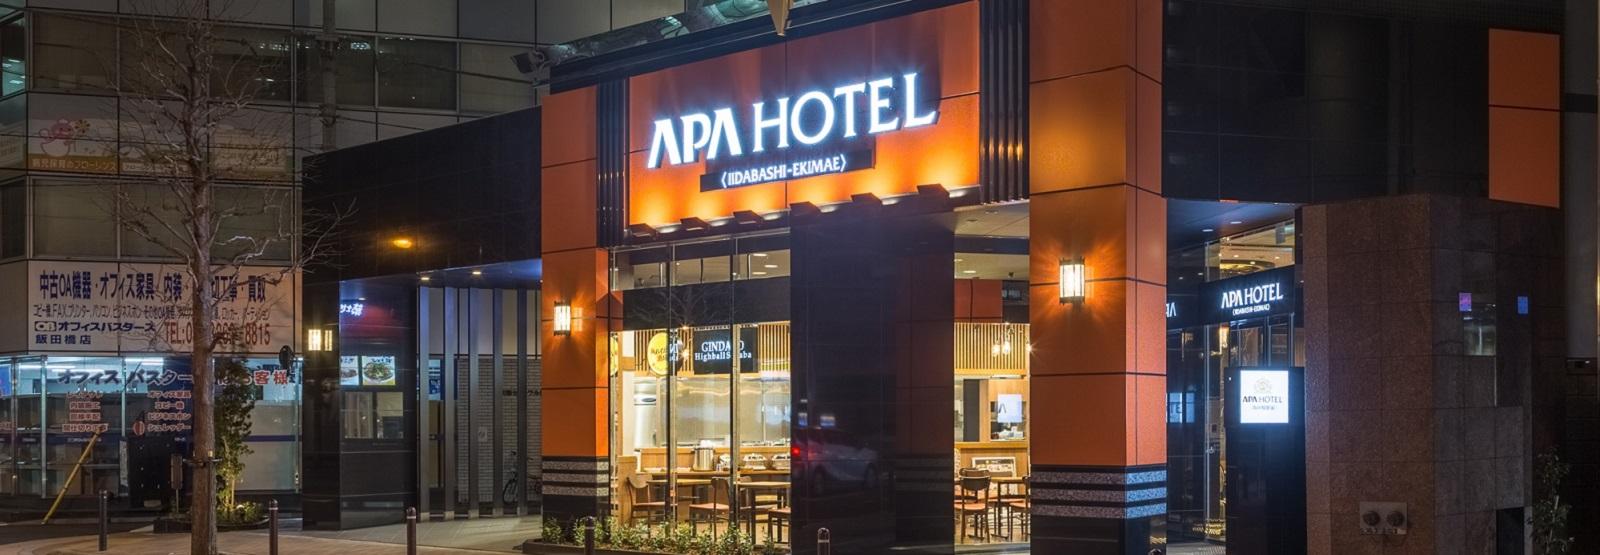 APA Hotel <the Iidabashi station square>